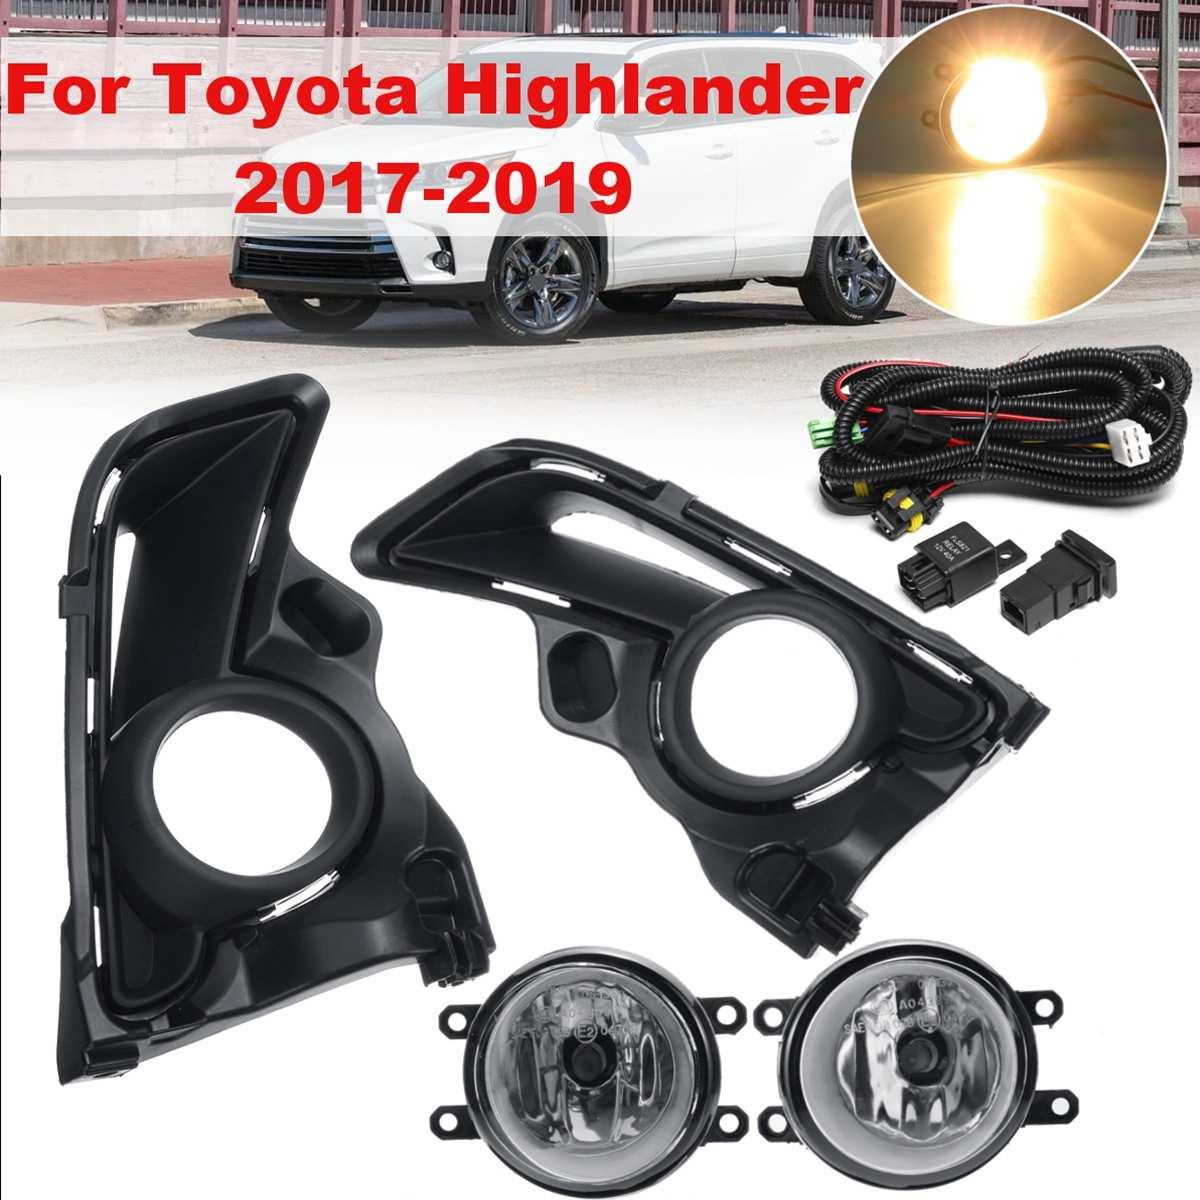 For Toyota Highlander 2017 2018 2019 WJ30-0567-09 1 Pair Bumper Fog Lights Light Lamp And Grill Cover Headlight Daytime Light